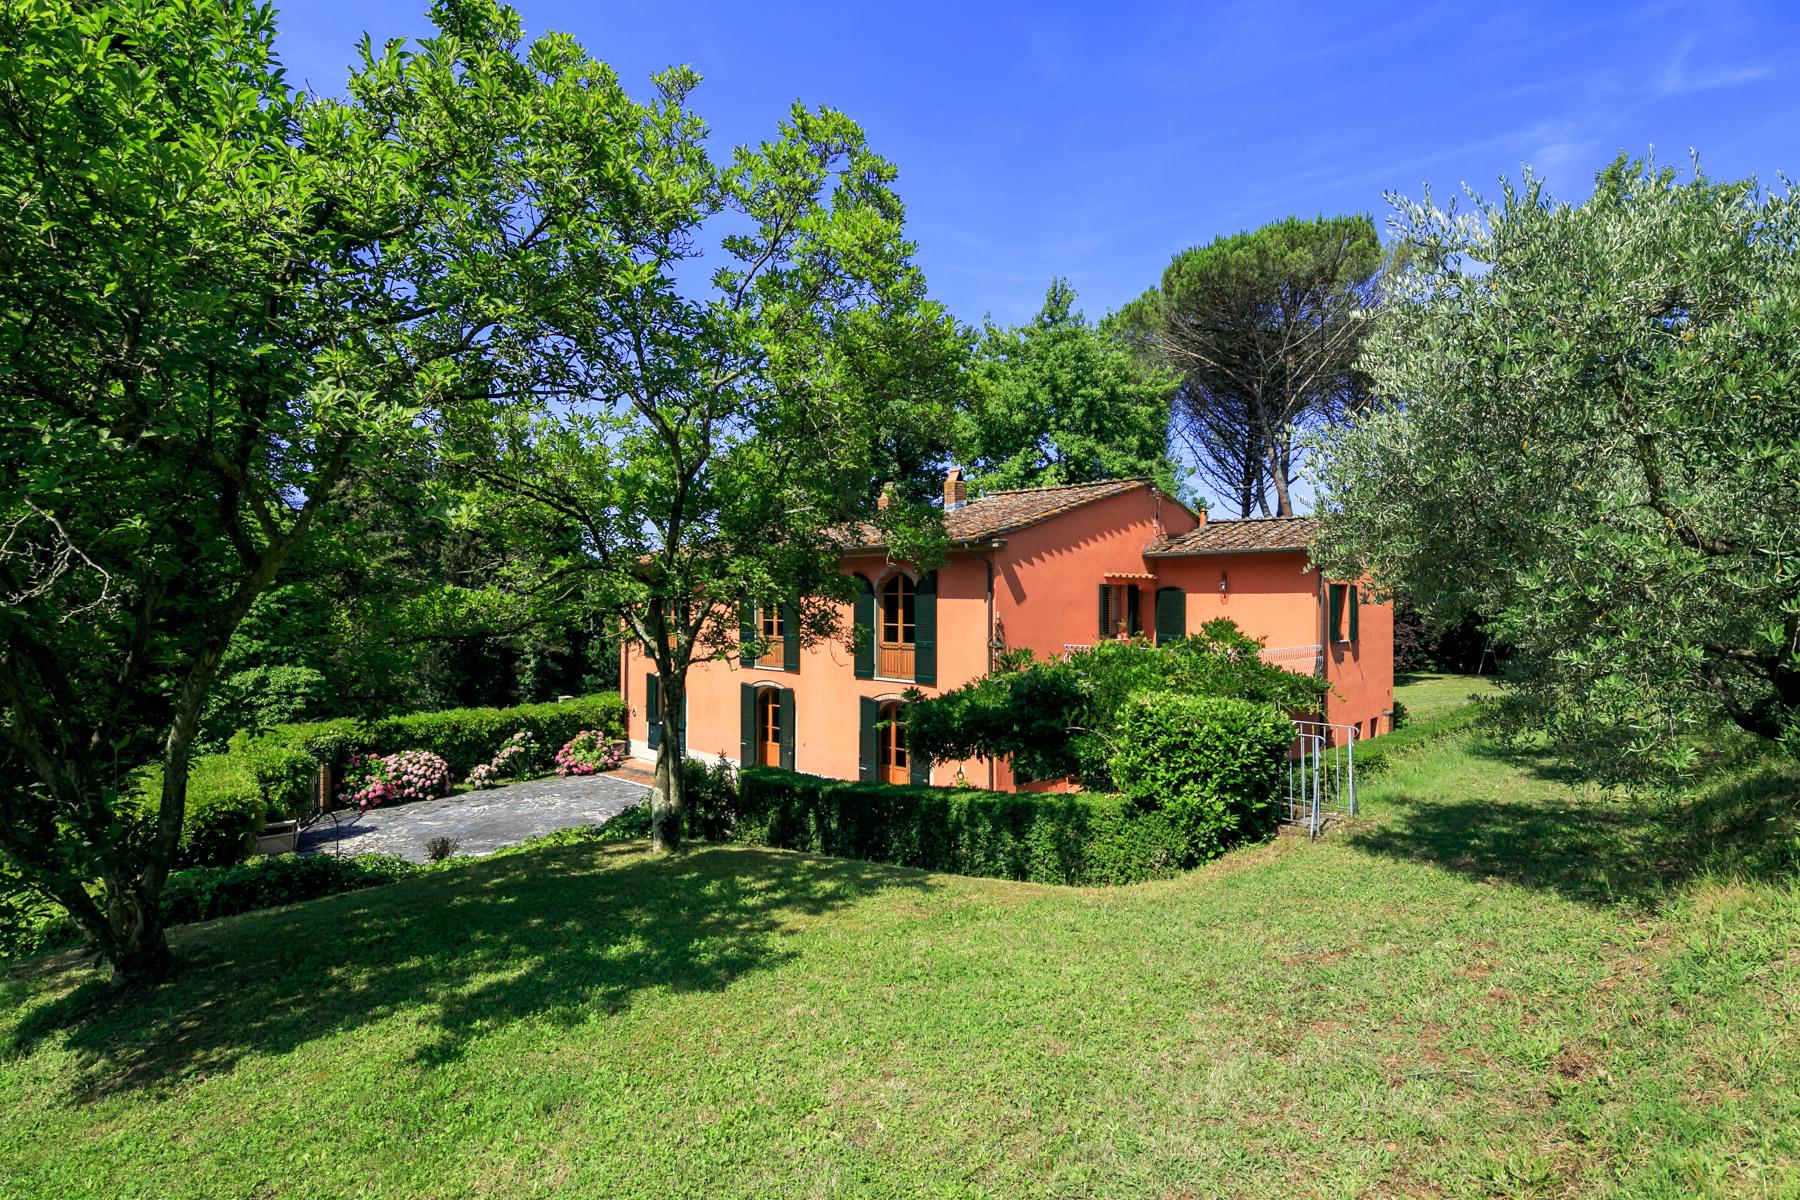 Villa in Vendita a Lucca: 5 locali, 320 mq